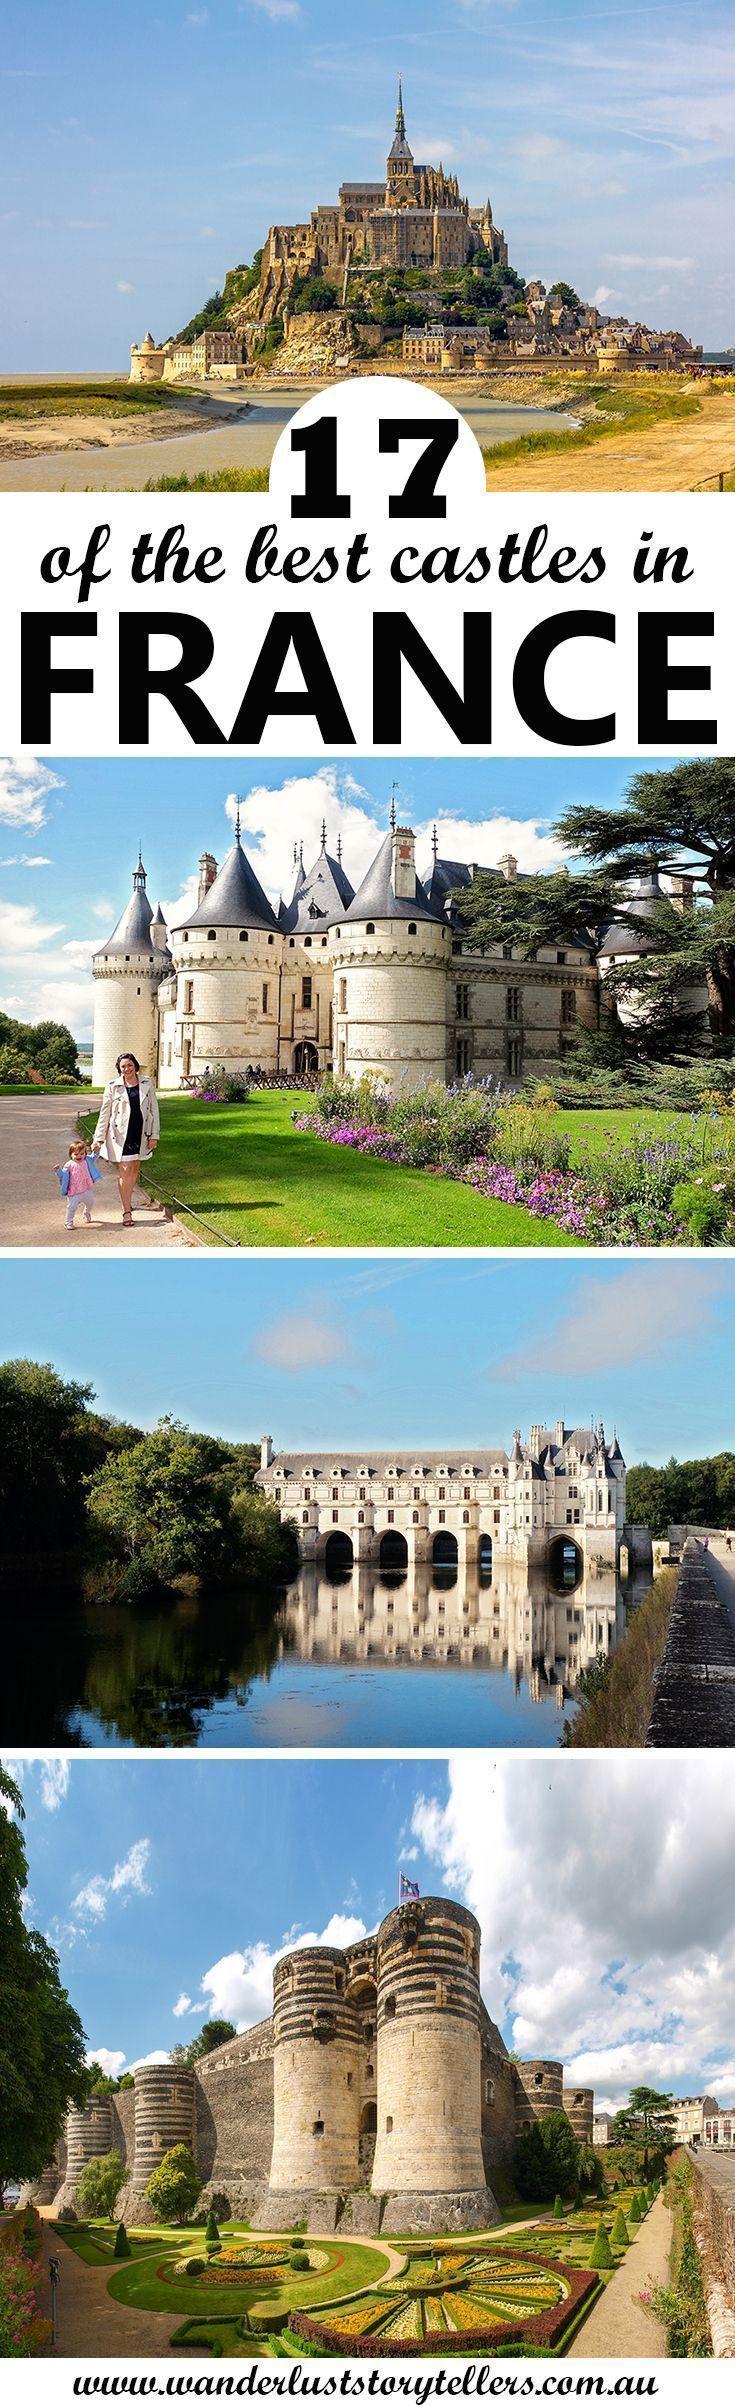 17 der besten Schlösser Frankreichs zu besuchen!